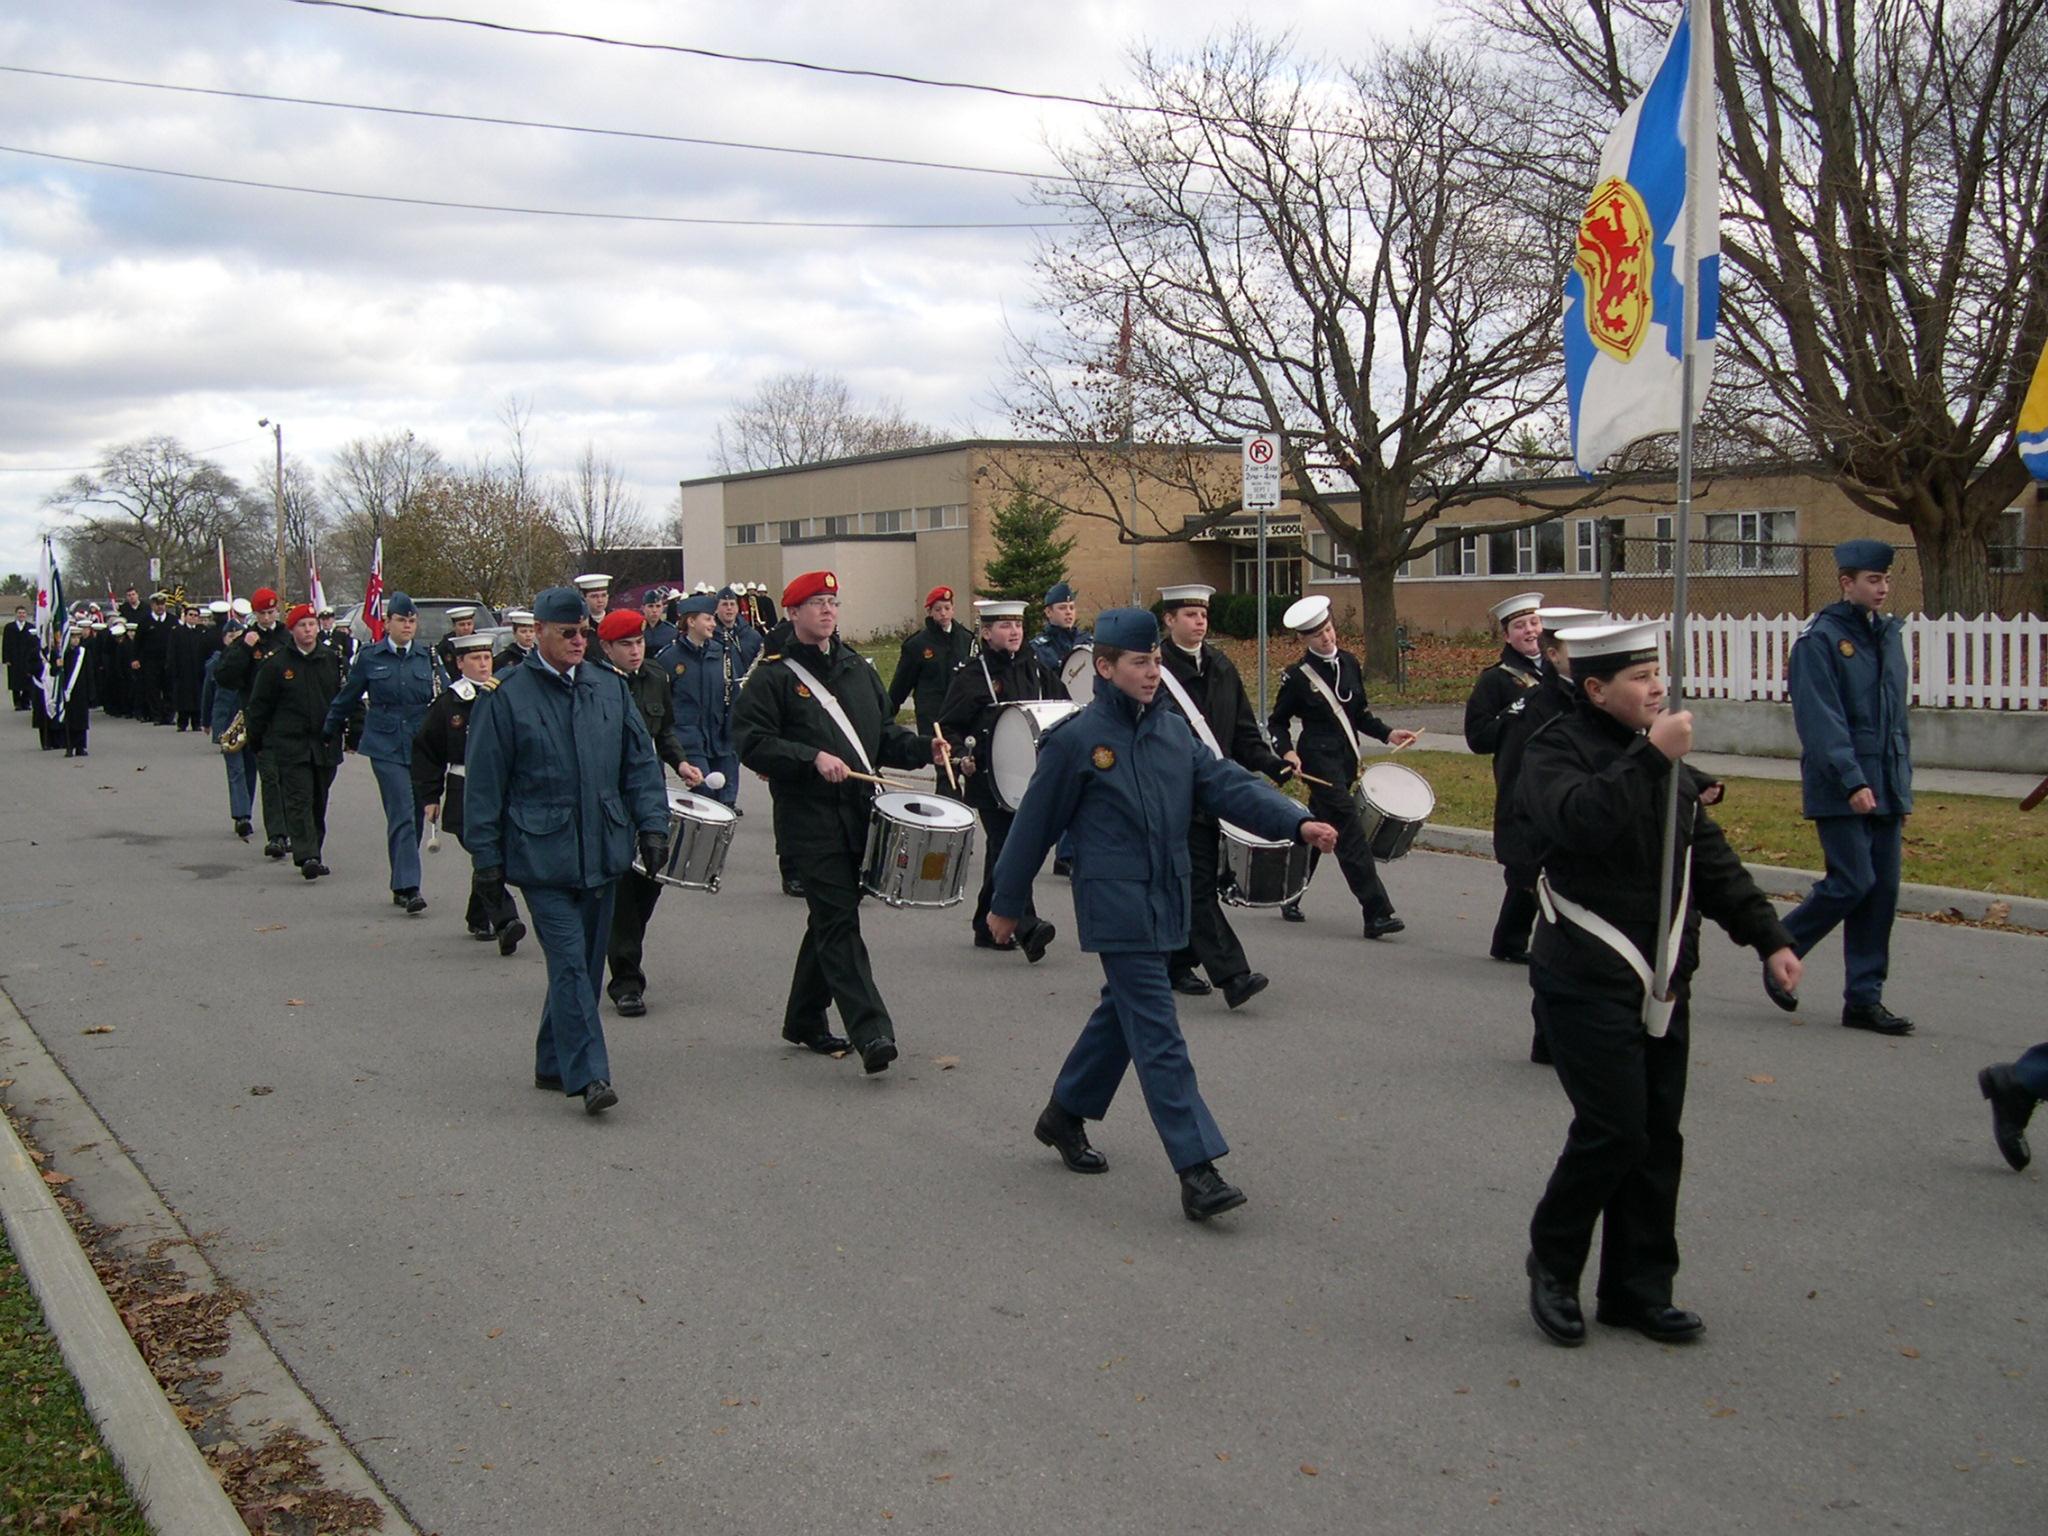 04-11-21 Cobourg Santa Claus Parade, Photo 08